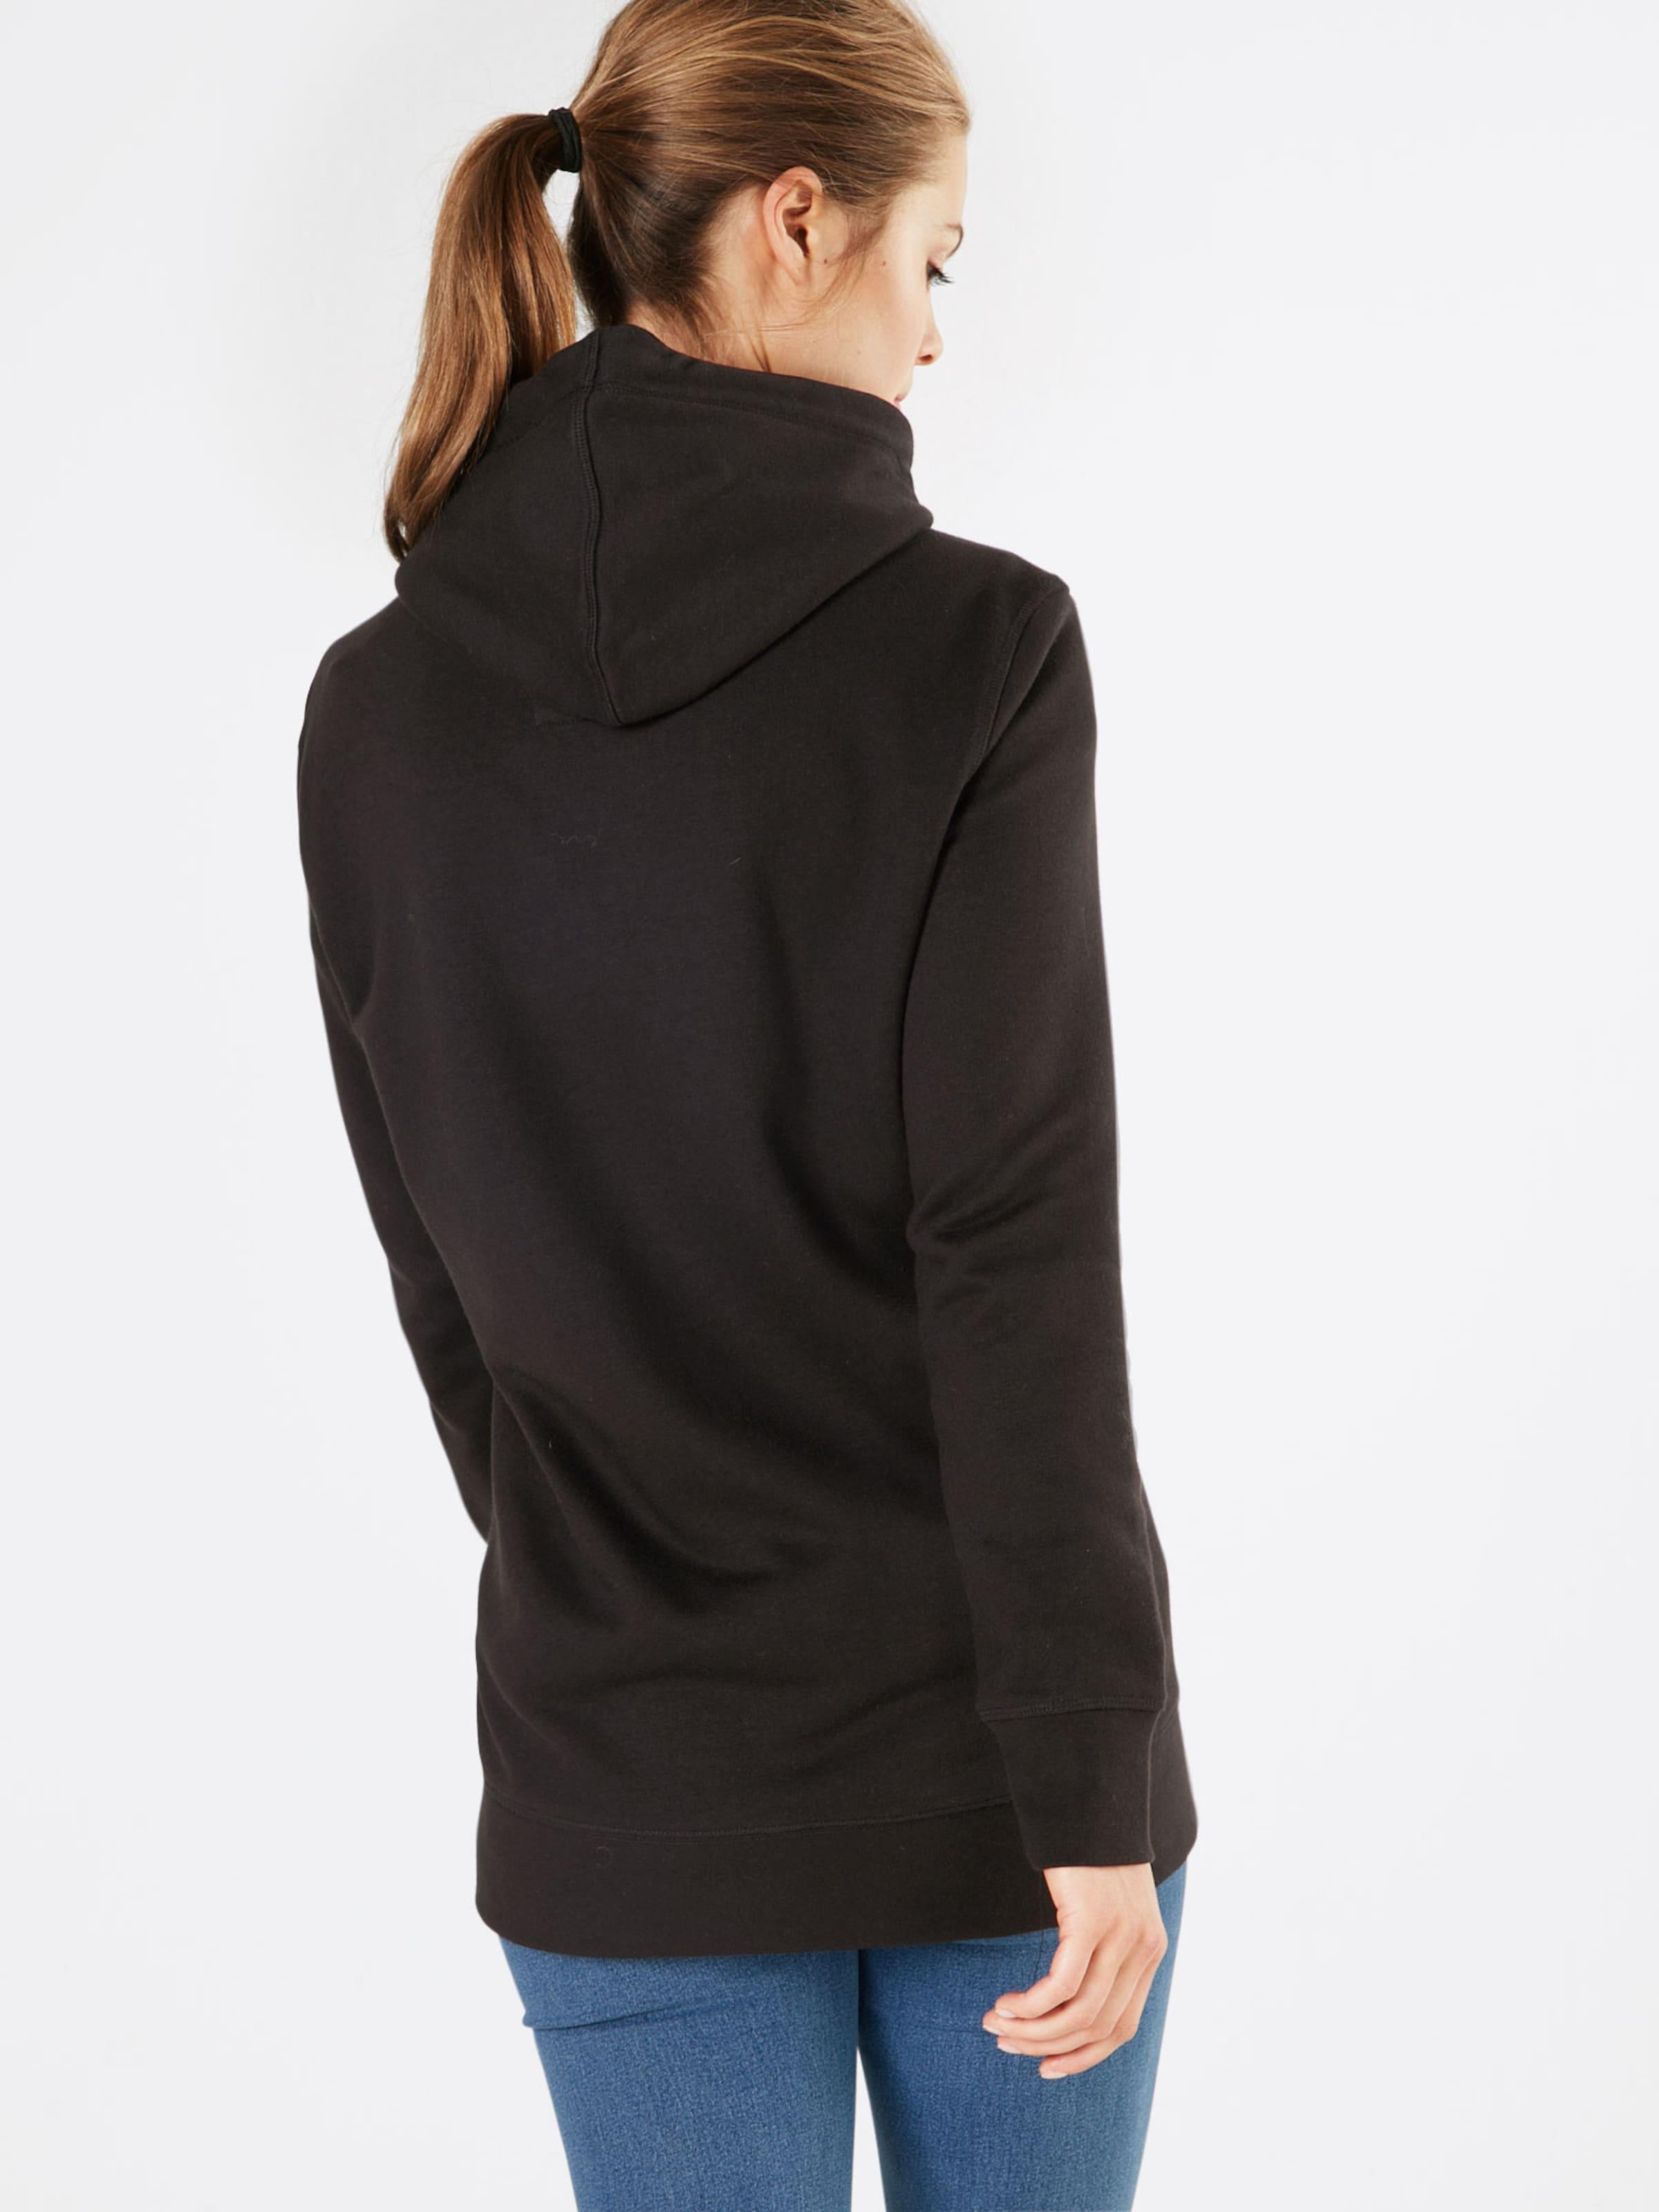 Verkauf Authentisch Billig Verkaufen Mode O'NEILL Jacke 'LW ESSENTIALS ZIP HOODIE' Kaufen Billige Angebote Günstig Kauft Heißen Verkauf wk8gPQyN